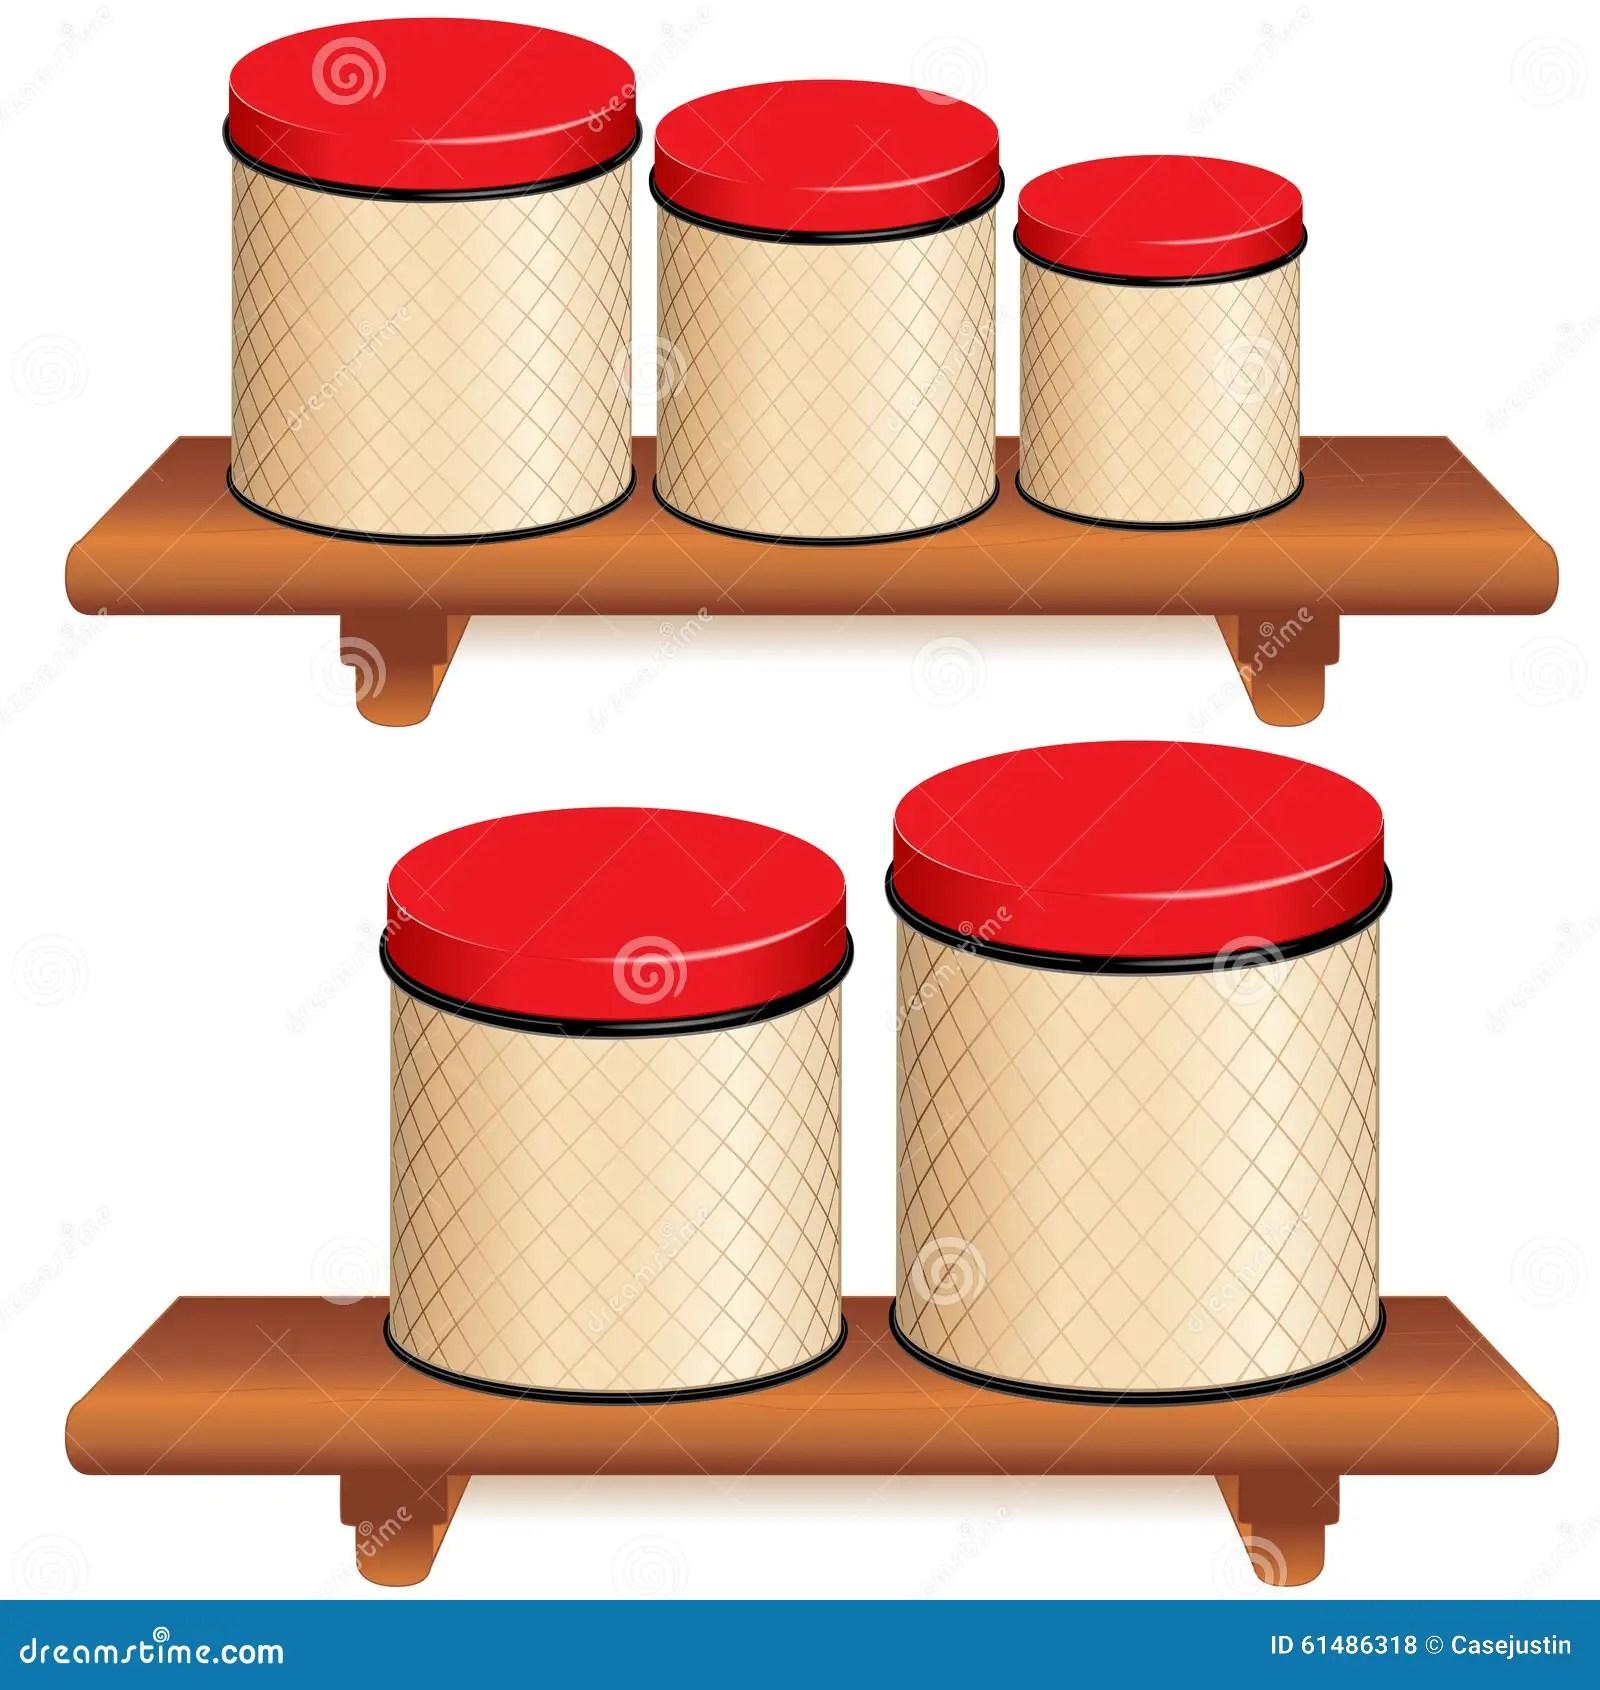 kitchen canister samsung appliance reviews 在木架子设置的厨房罐向量例证 插画包括有容器 存贮 木头 磁道 空白 与网格设计的五个厨房食物存贮罐和在小 中等和大大小的红色盒盖在木架子背景查出的白色兼容的eps8